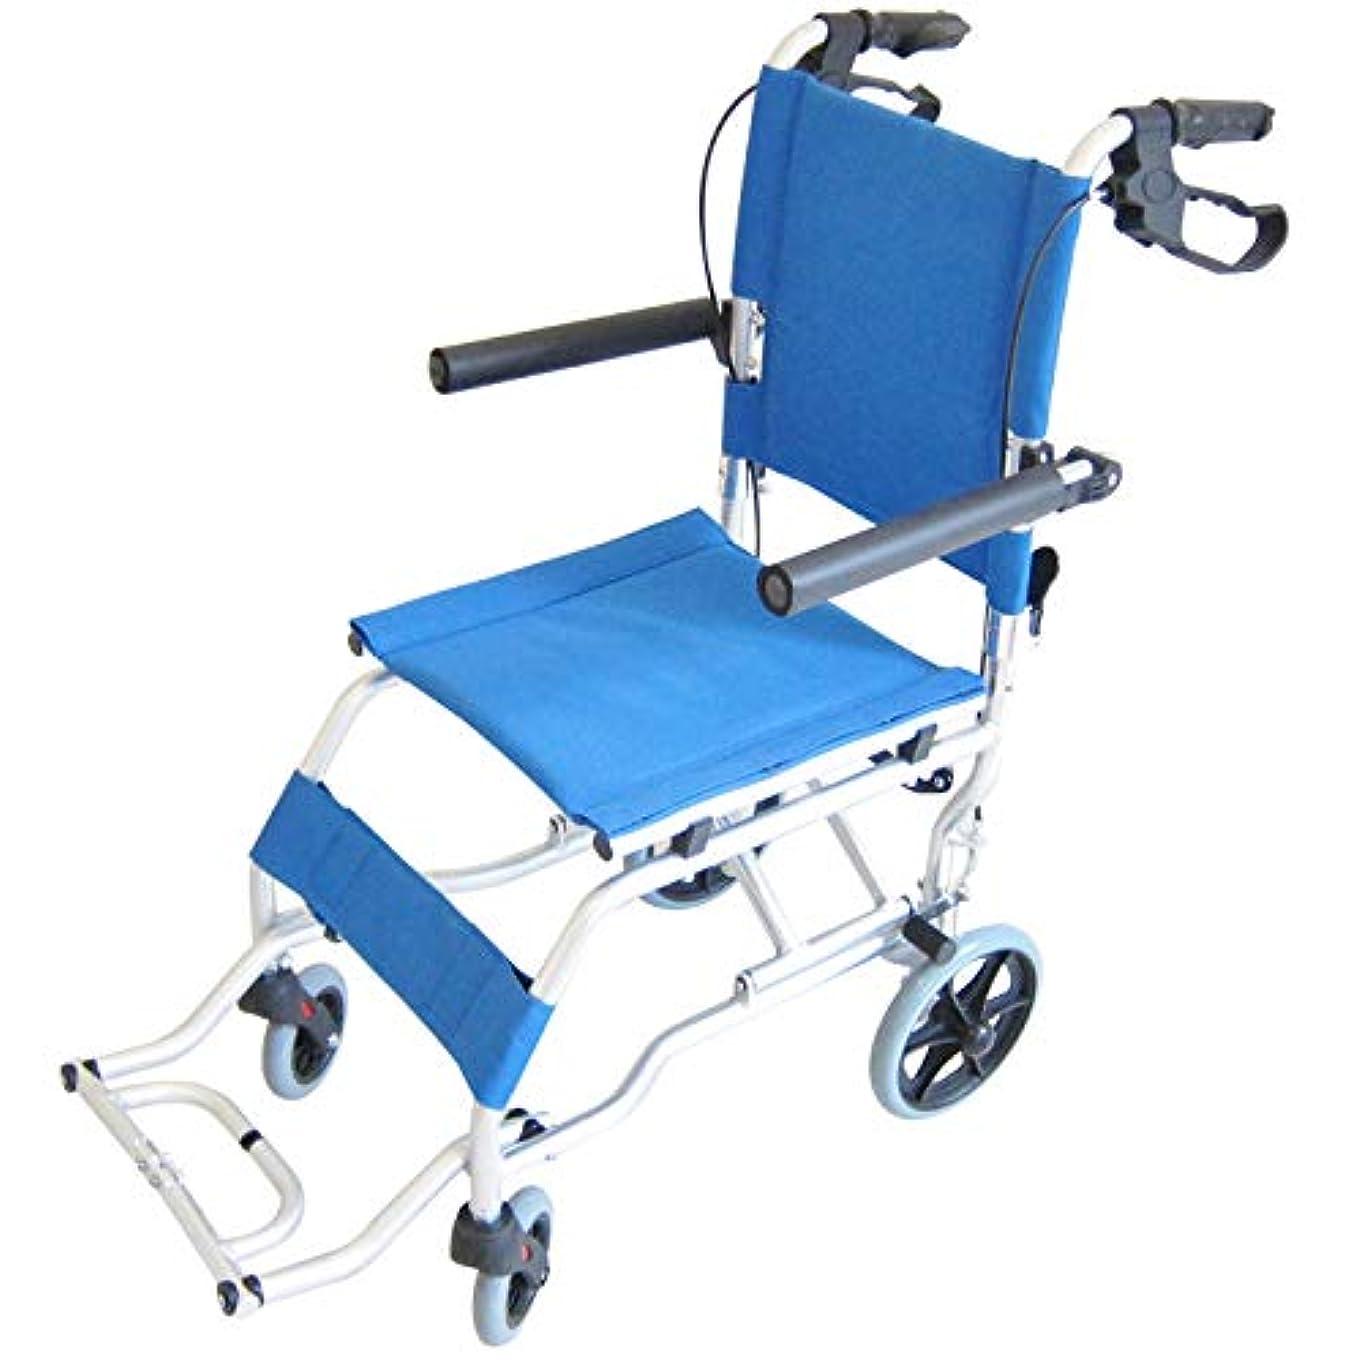 ゴネリル発行恒久的新発売 ネクスト イースタンブルー ちょっとしたお出かけや旅行用としても! 簡易車椅子 軽量 コンパクト 介護?介助用 車椅子 車いす 車イス 介助ブレーキ付き 折りたたみ式 跳ね上げ式 A501-AB